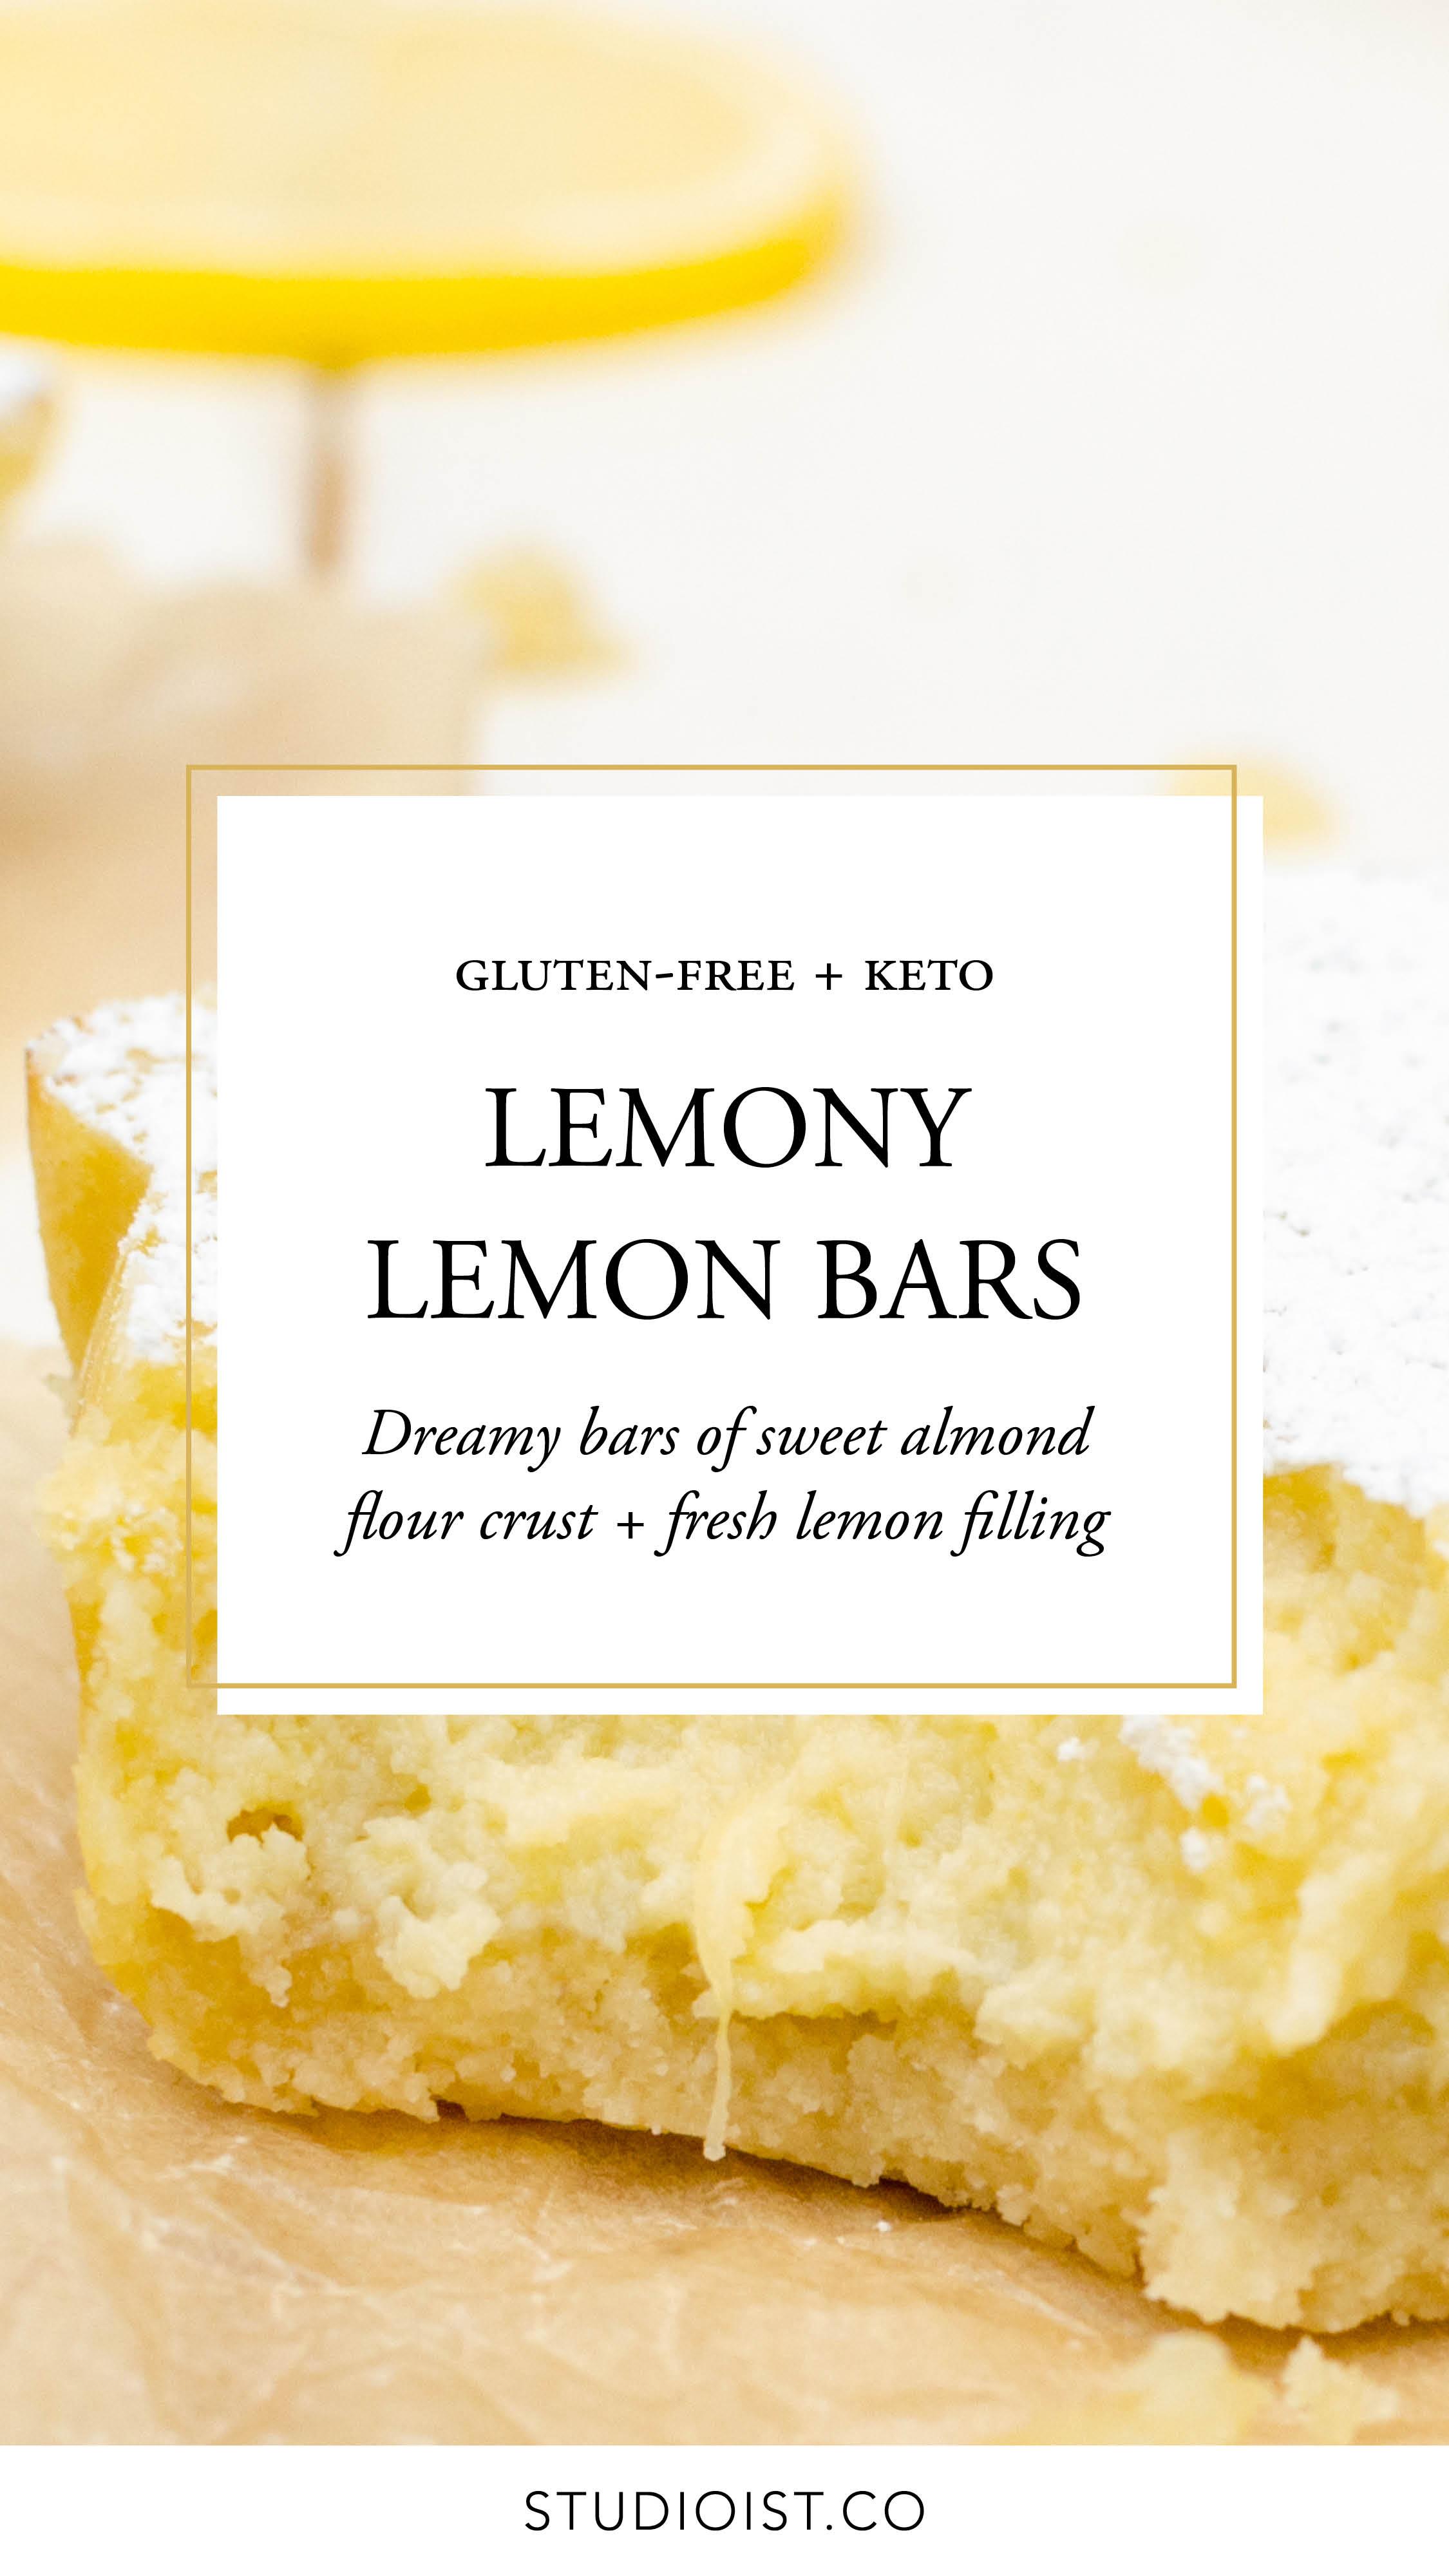 Gluten-Free Keto Lemony Lemon Bars_Studioist.jpg